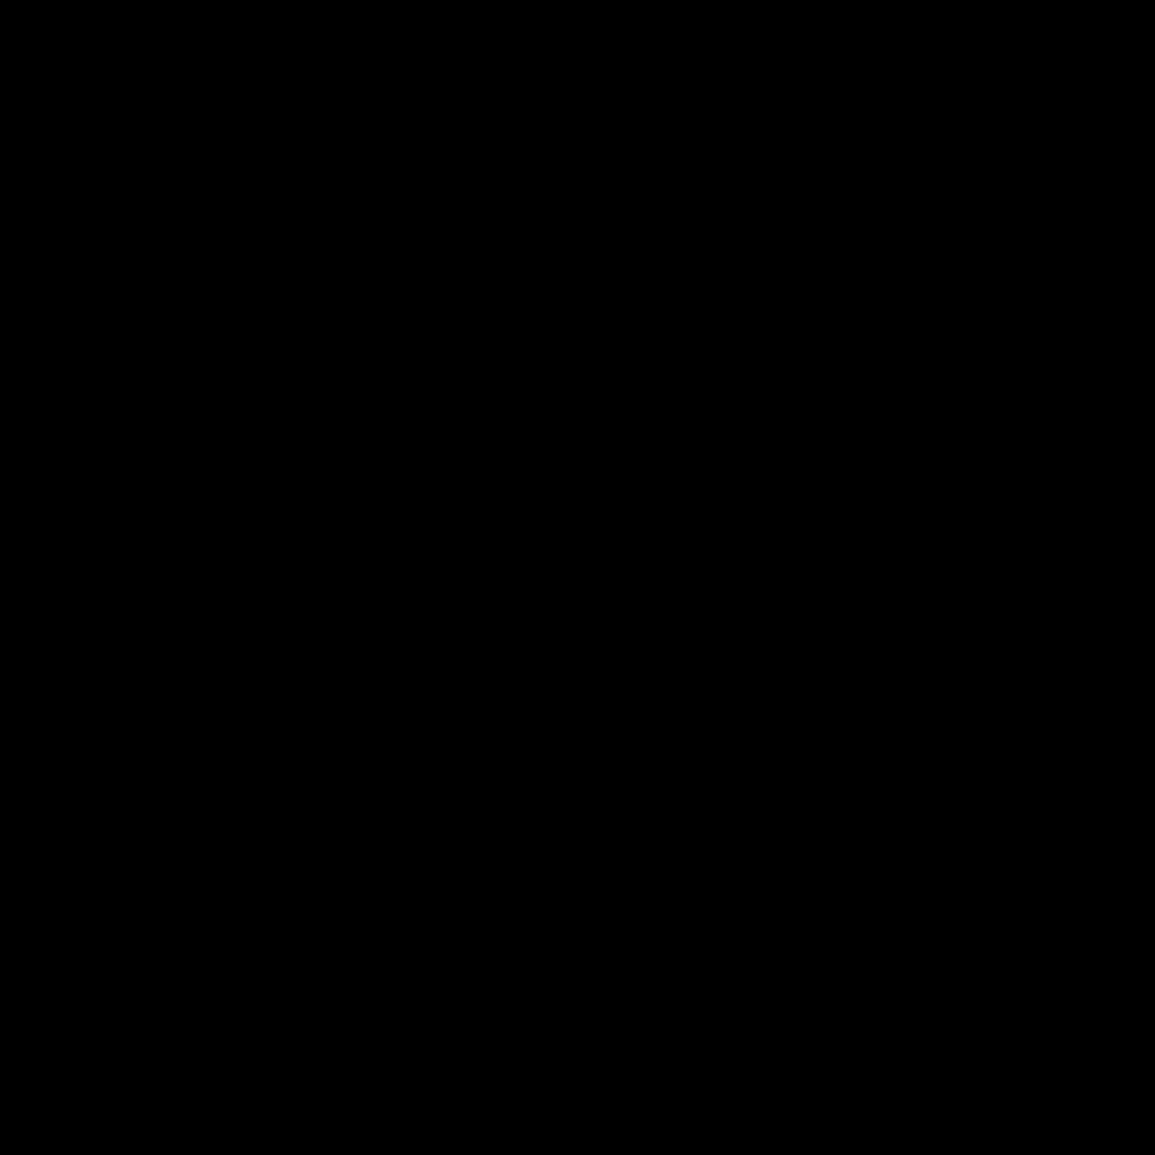 アンチック(中見出し) KF-A 字形見本